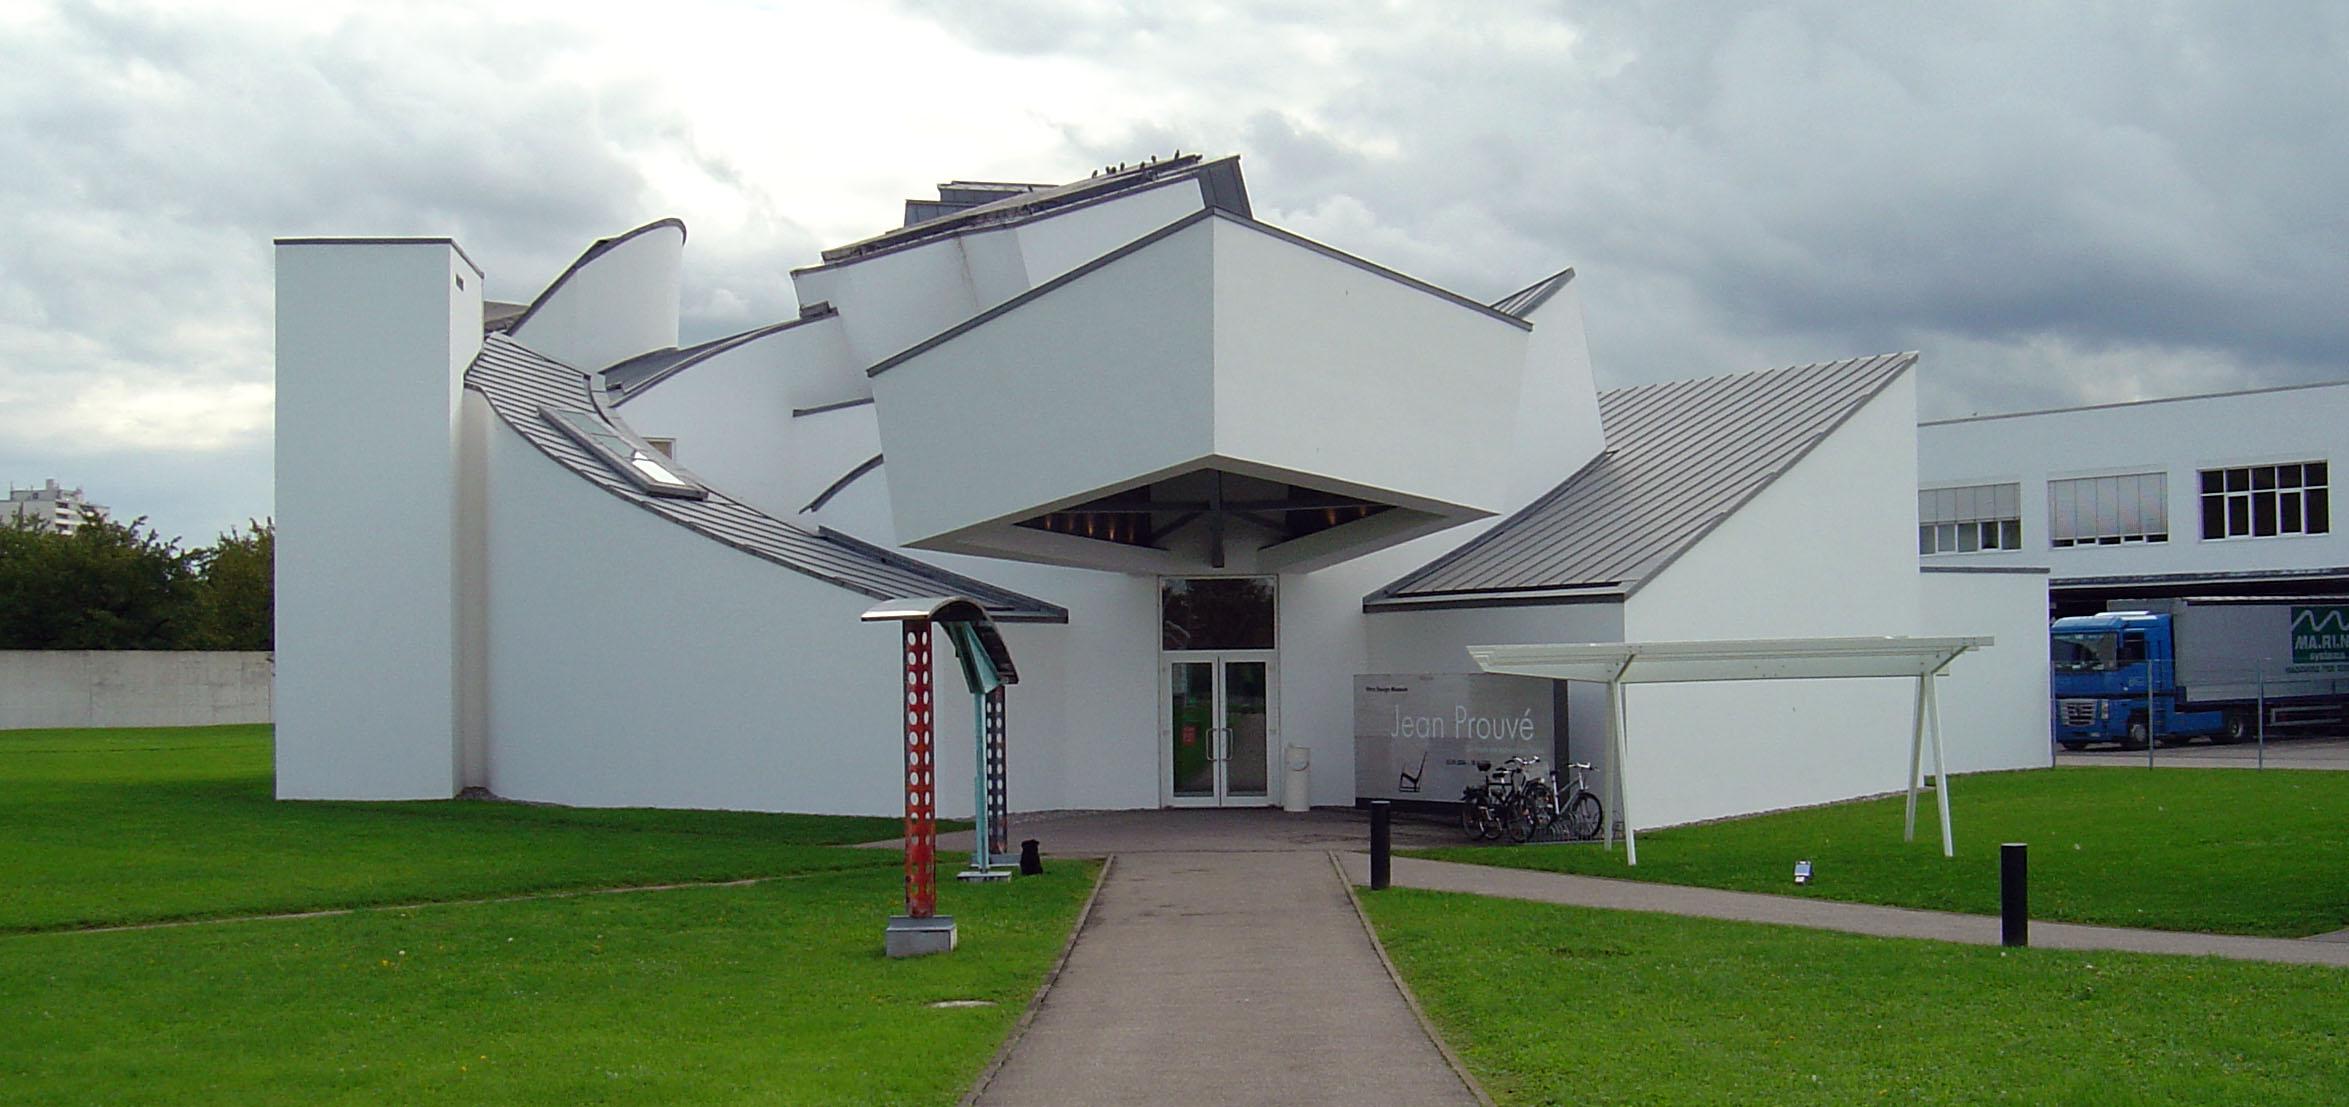 Vitra Design Museum Chairs Vitra Design Museum